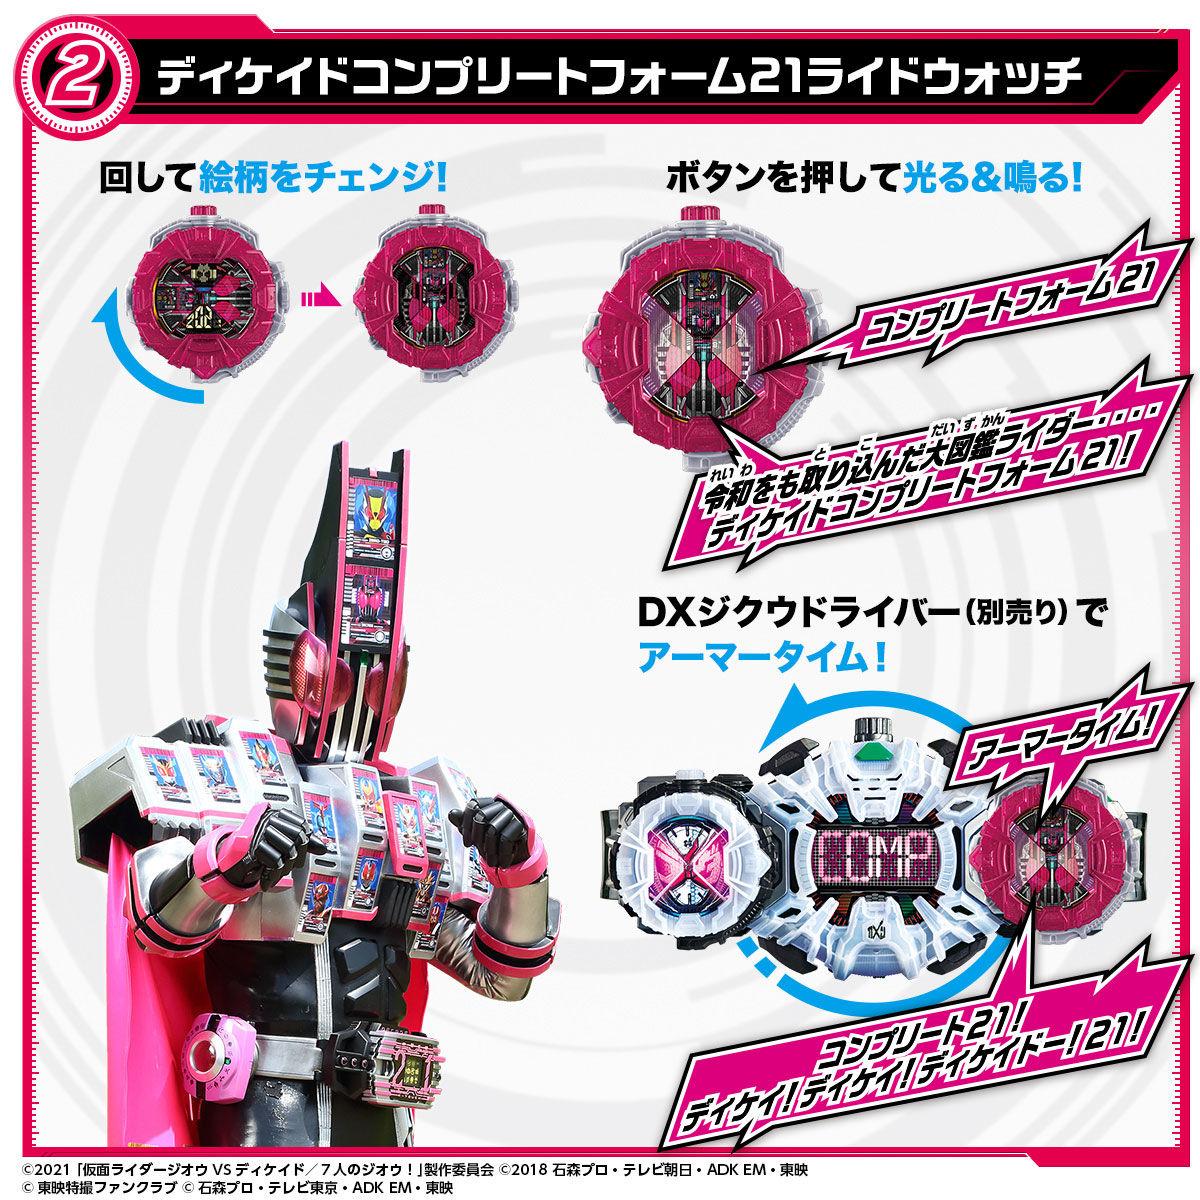 【限定販売】仮面ライダージオウ『DXネオディケイドライバー&ケータッチ21』変身なりきり-004